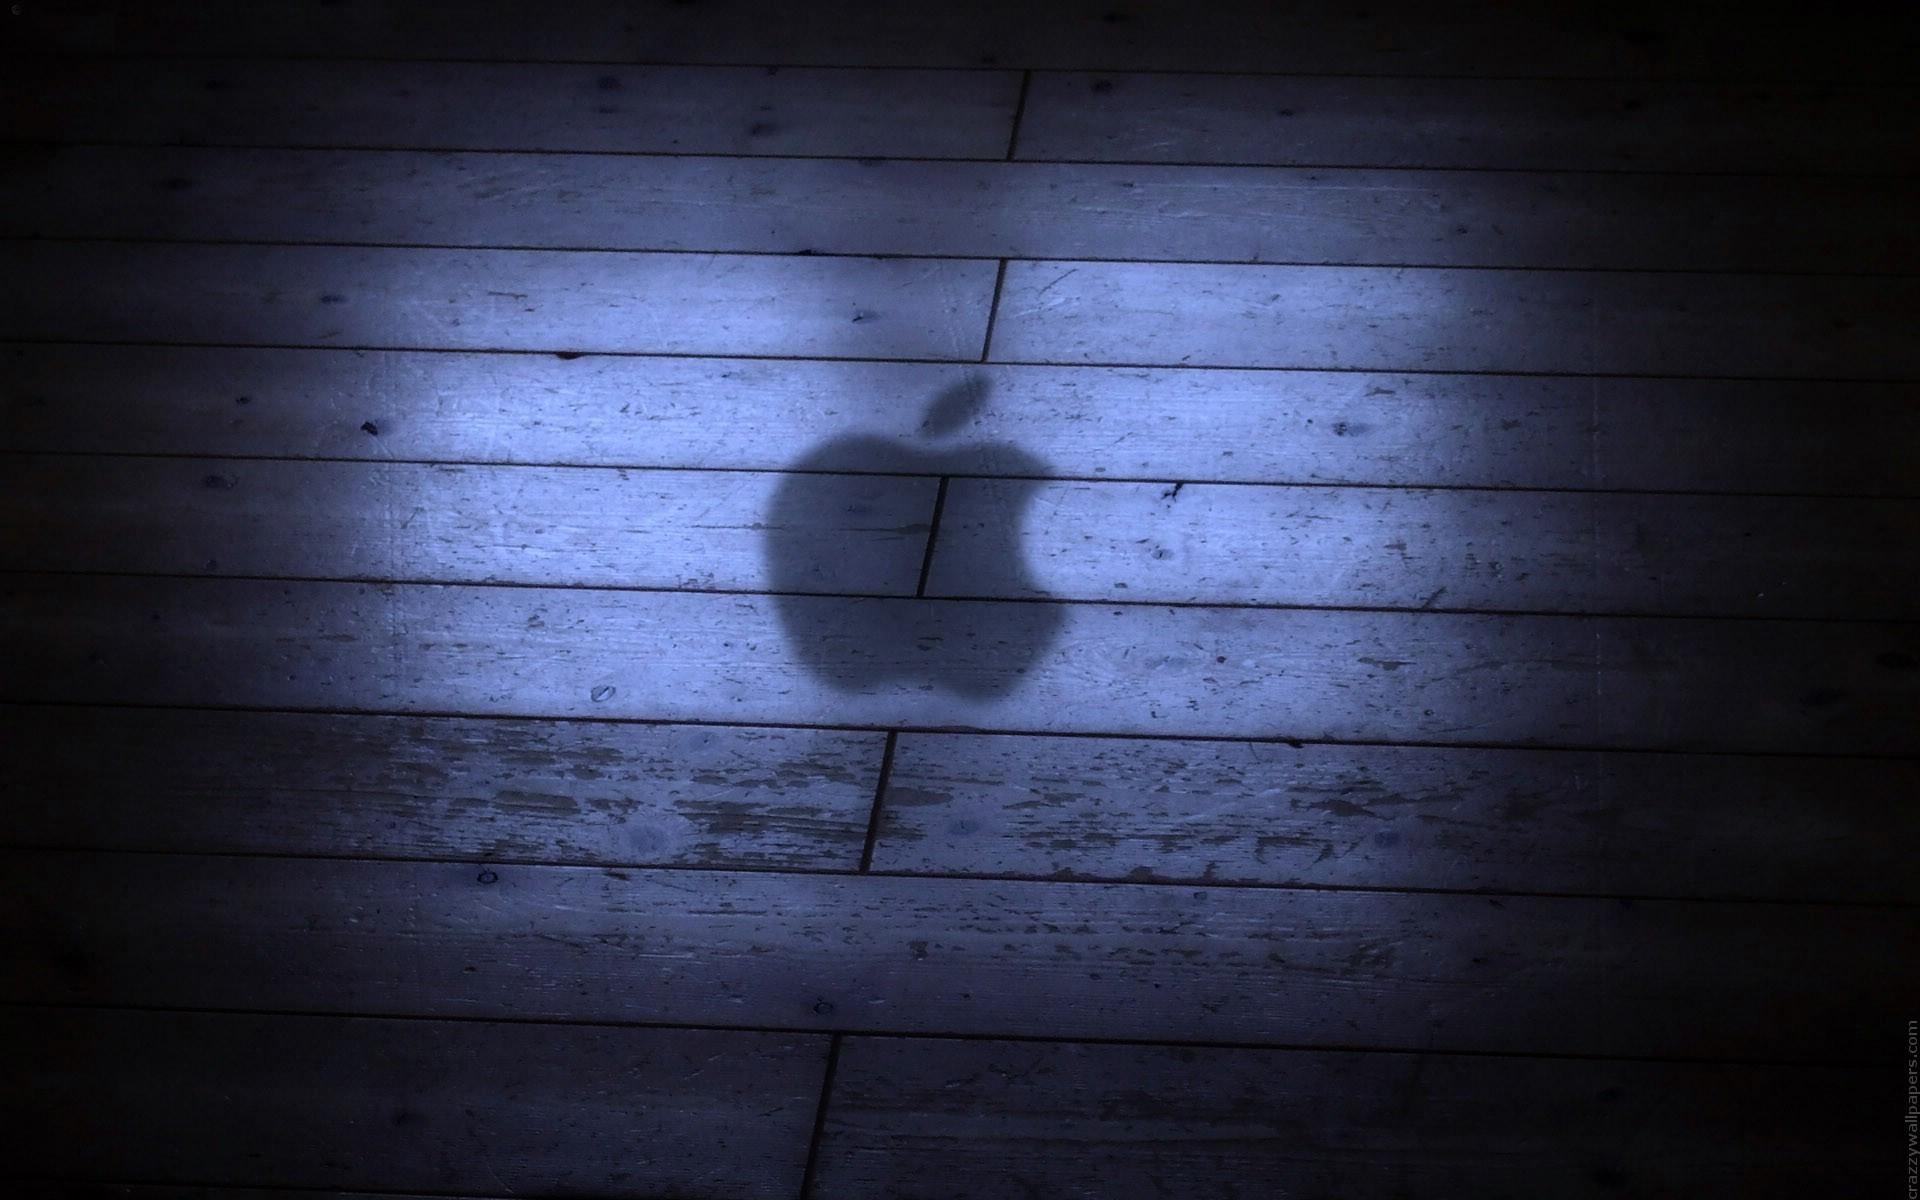 Macbook Air Hd Wallpaper